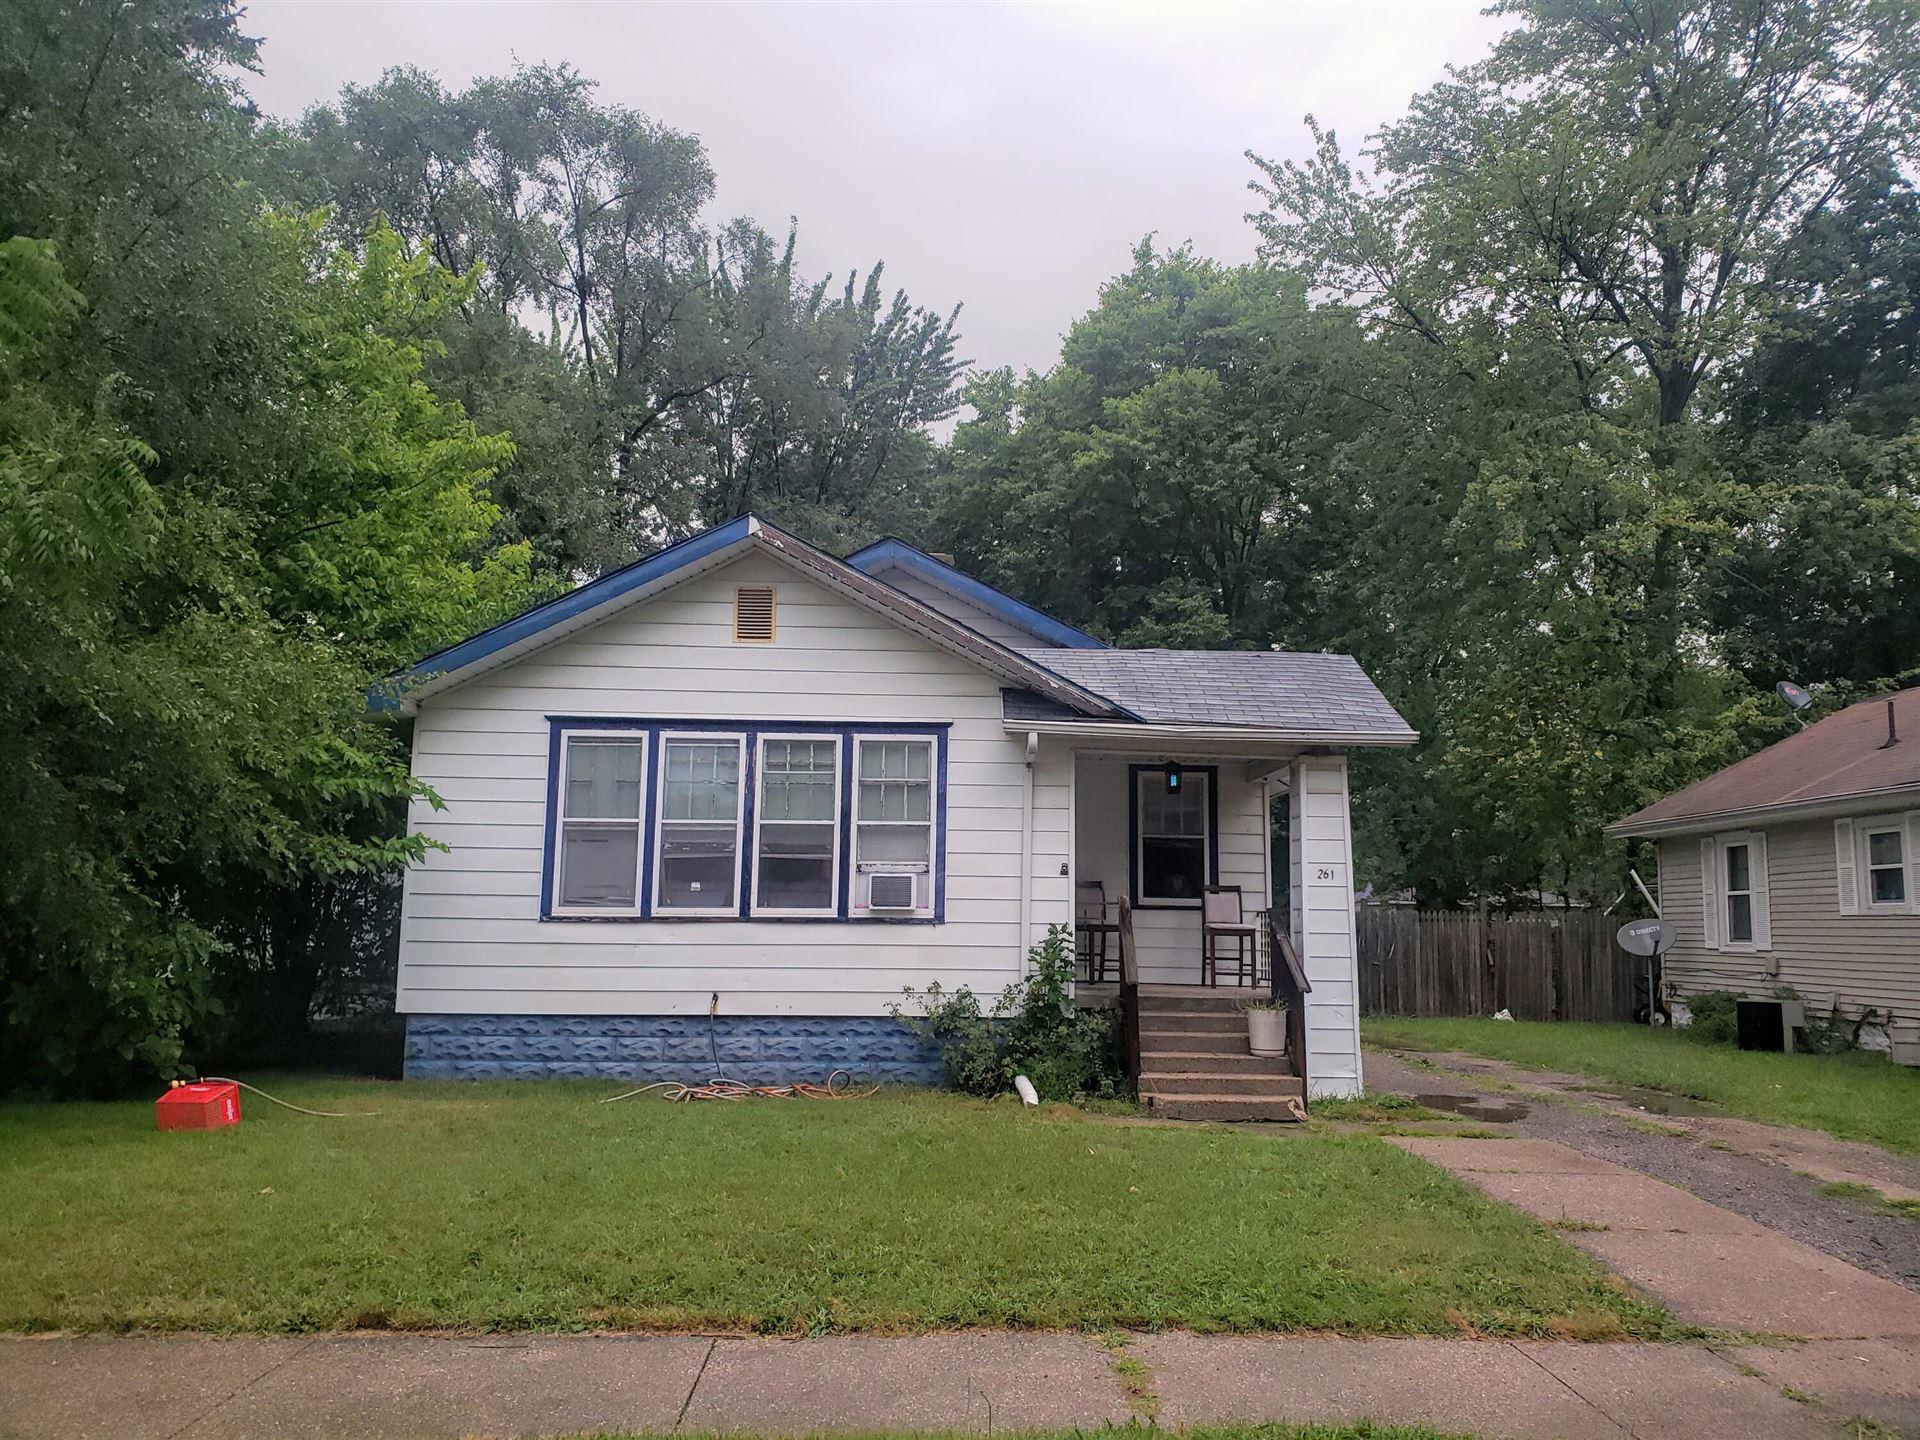 261 Searles Avenue, Benton Harbor, MI 49022 - MLS#: 21104956